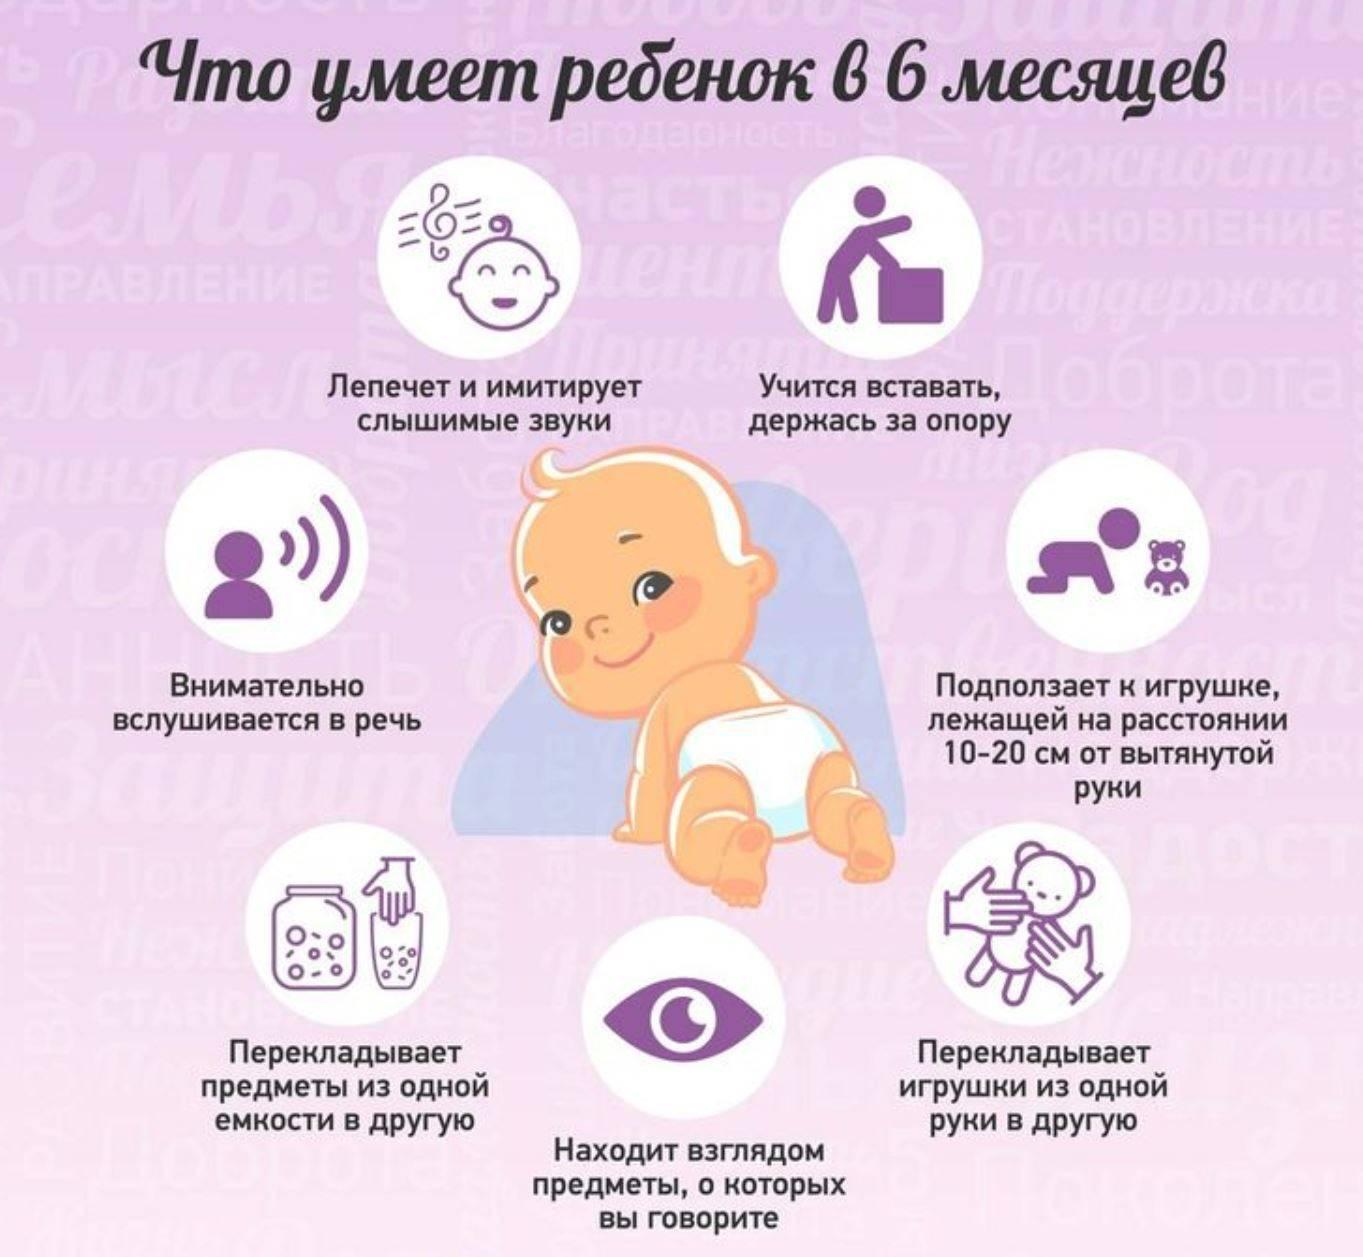 Что должен уметь ребенок в 4 месяца - топотушки